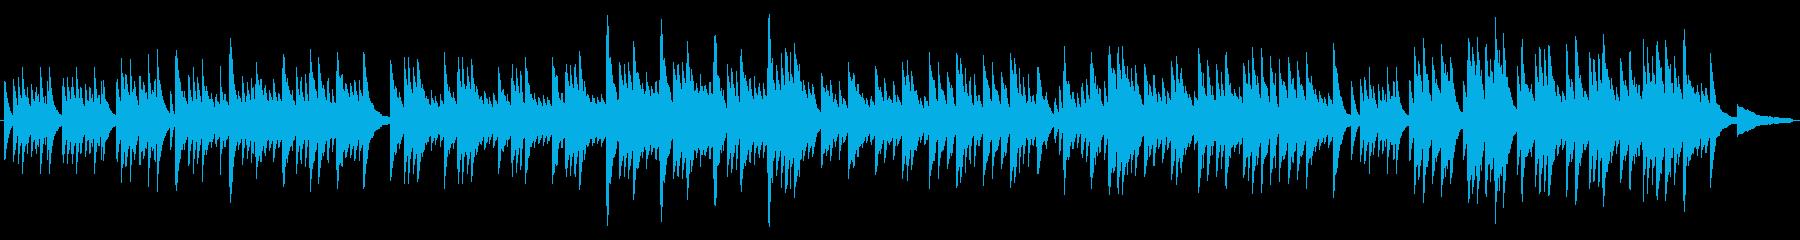 少し陰のある雰囲気のピアノ曲の再生済みの波形